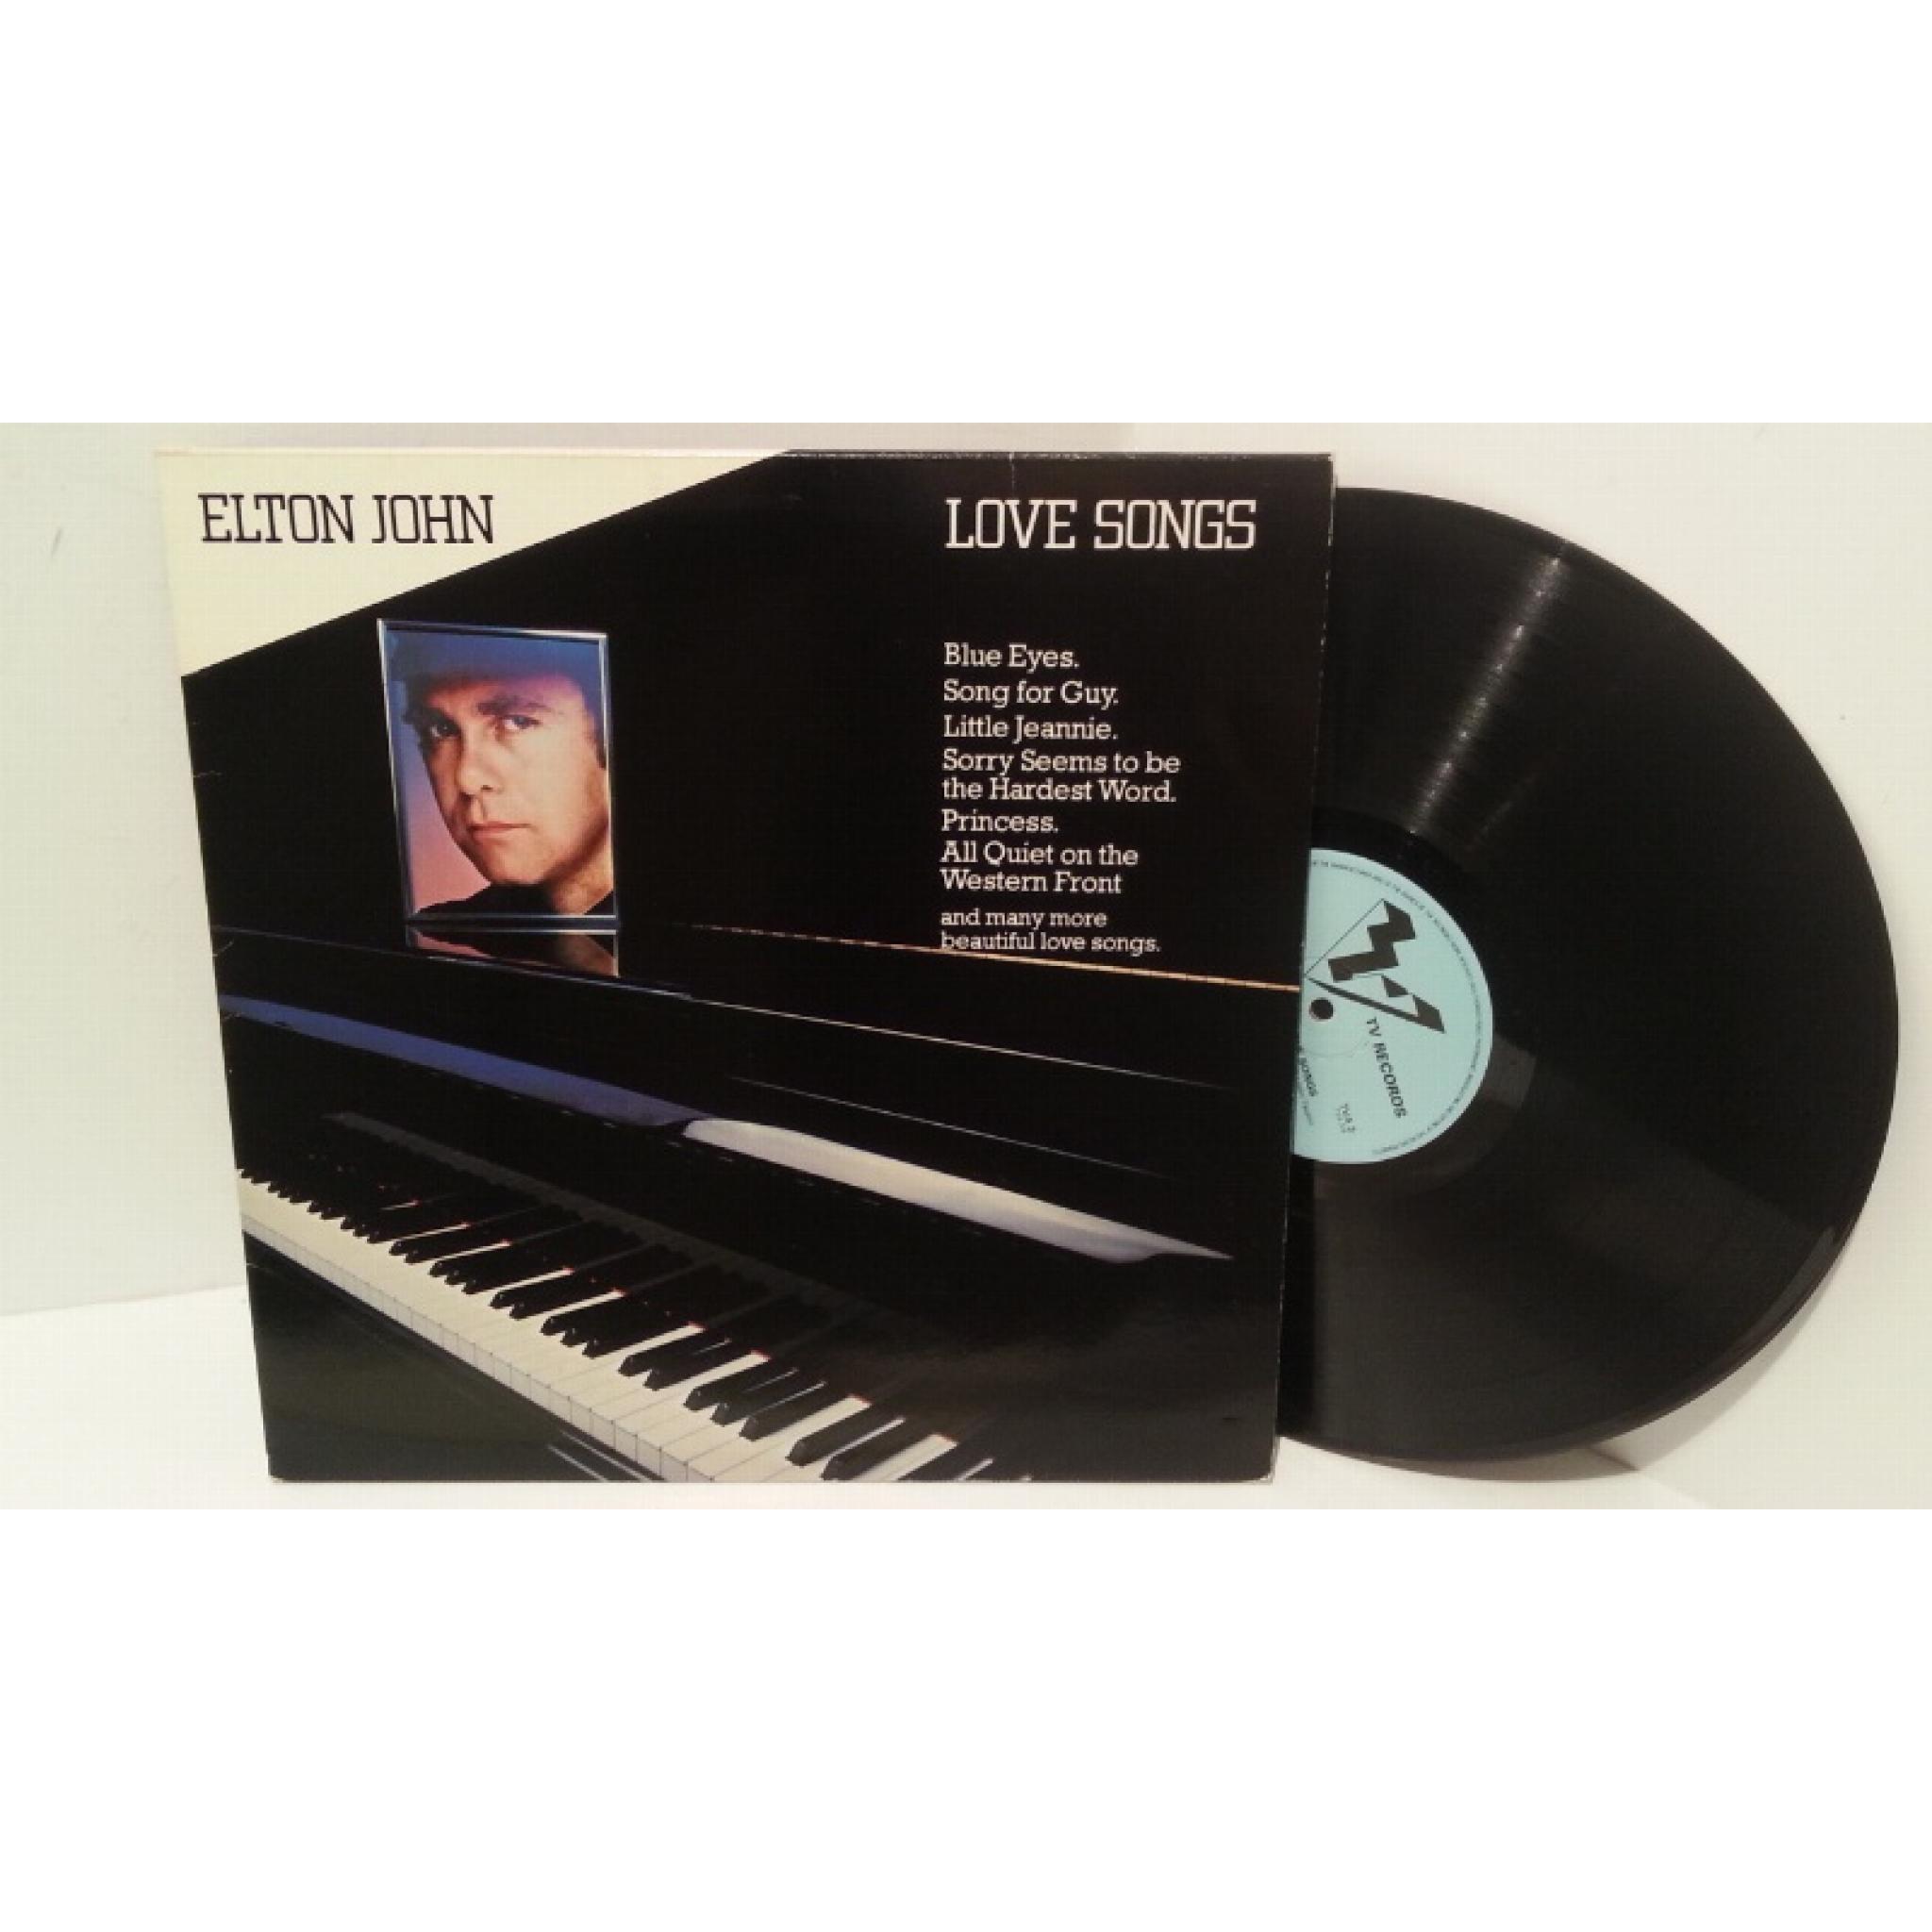 ELTON JOHN love songs, TVA 3